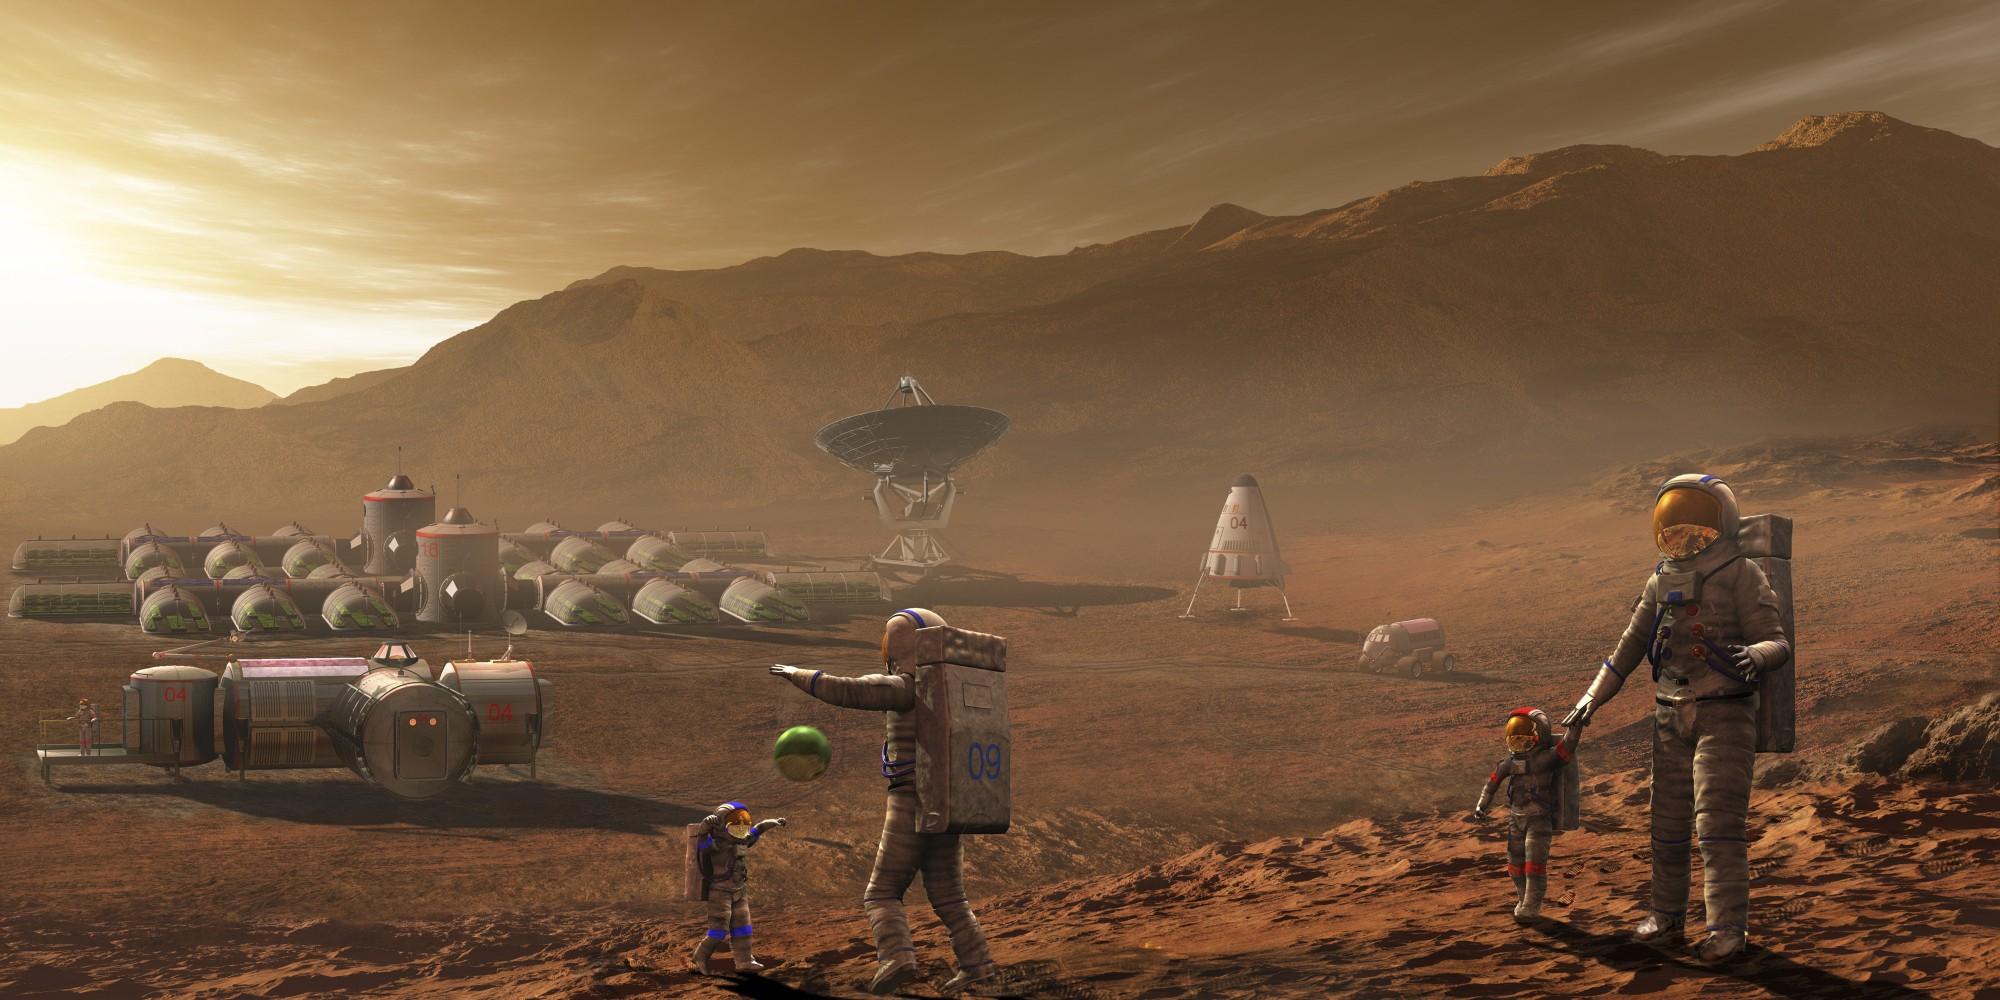 Специалист поведал, что помешает колонизации Марса